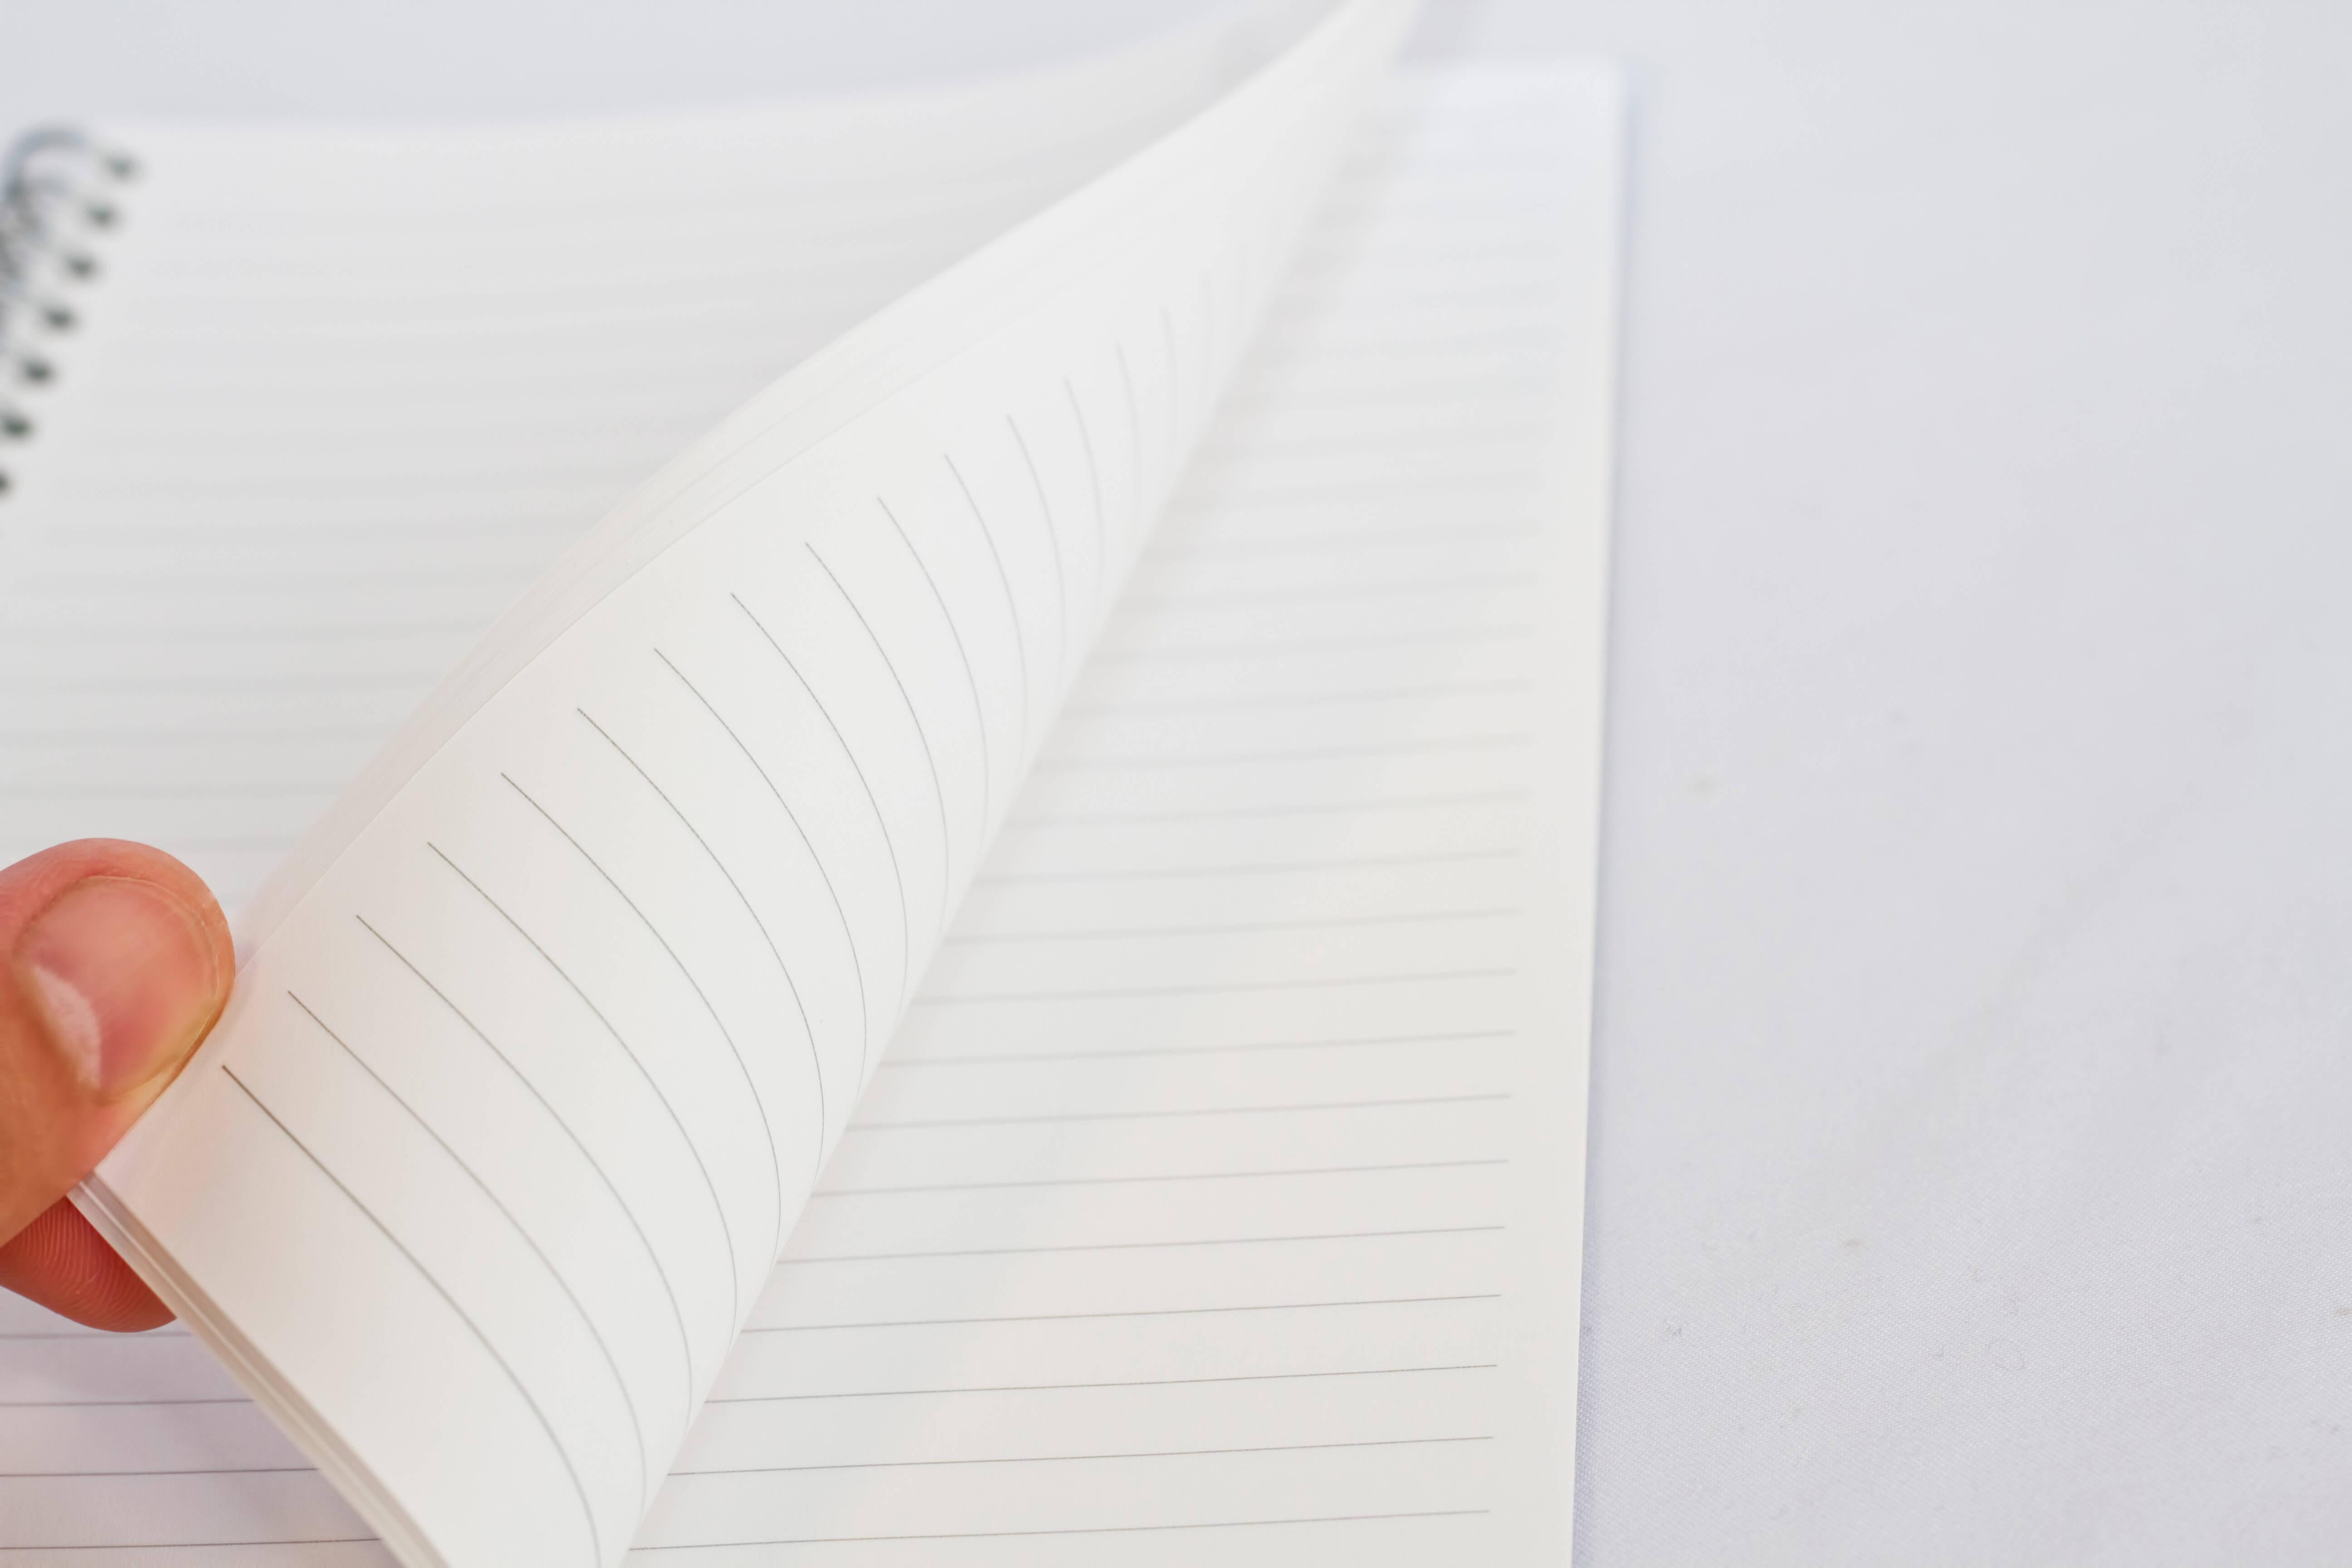 紙の魅力を最大に引き出す「紙のアート」